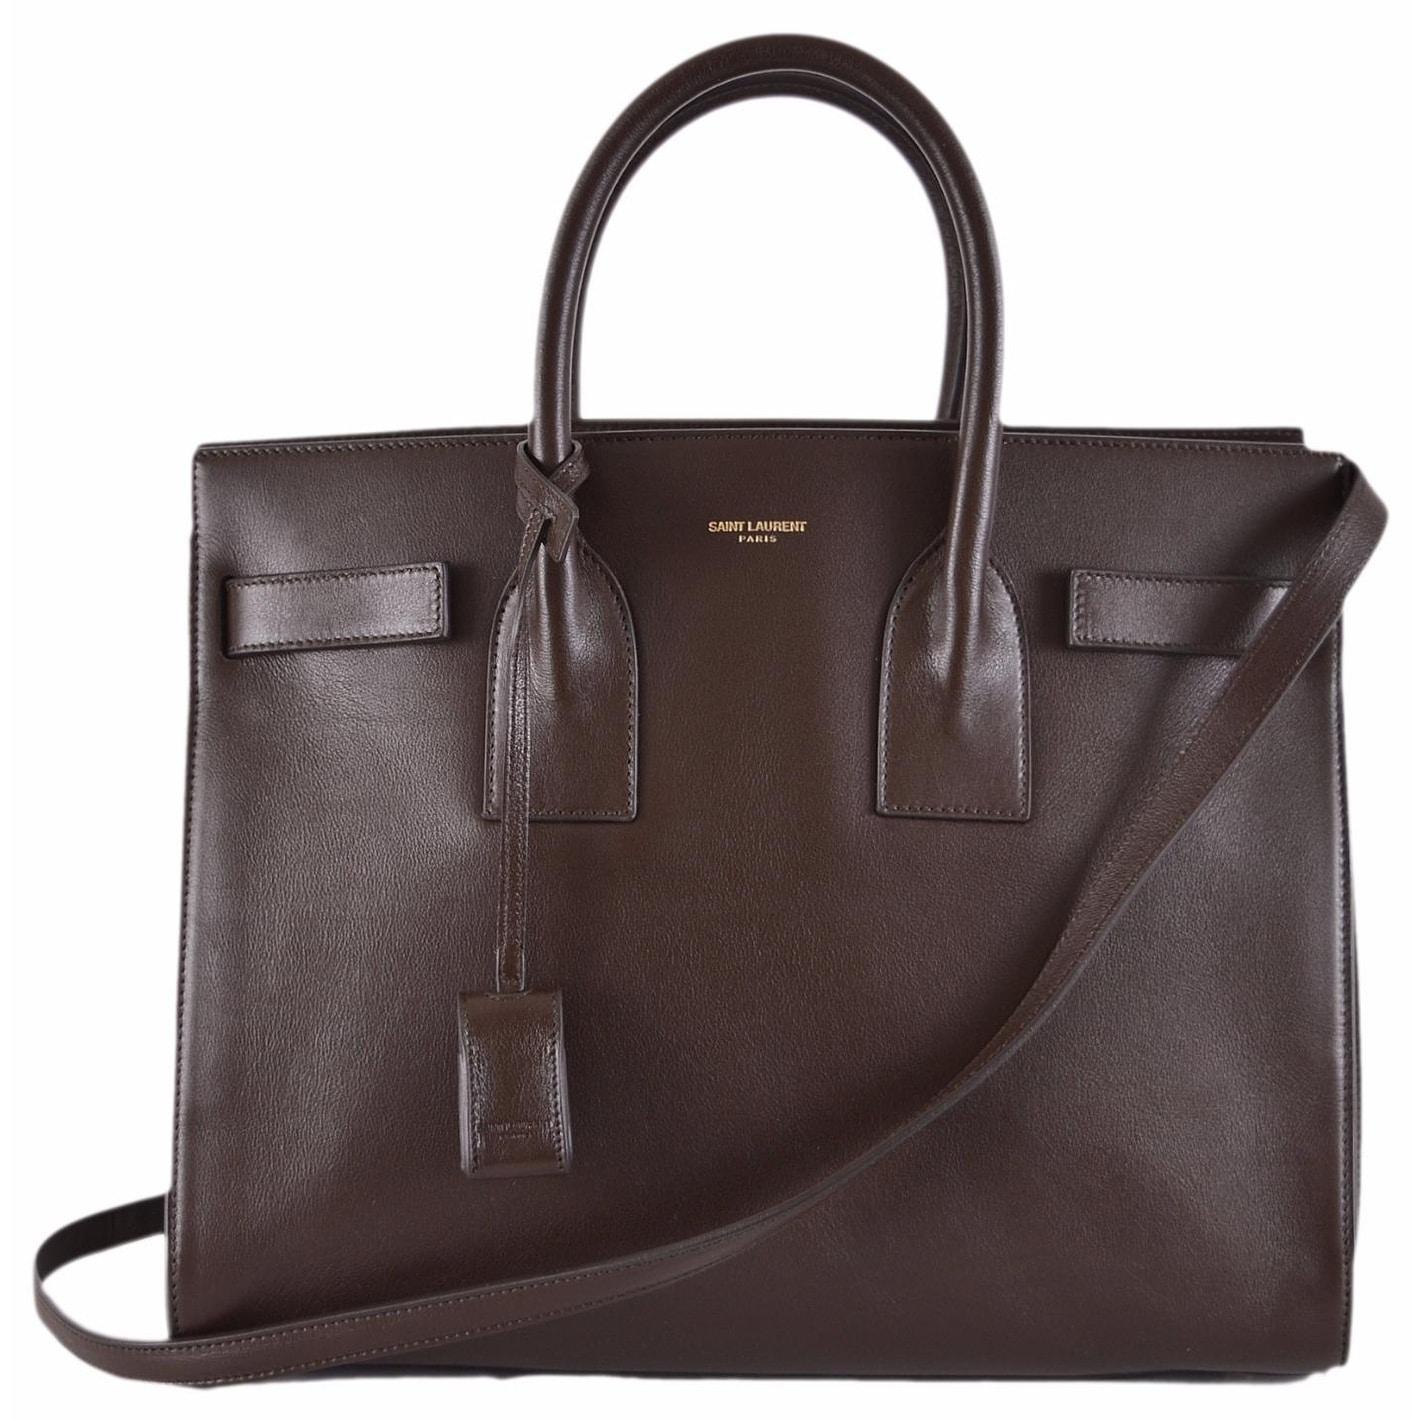 les plus récents se connecter livraison gratuite Yves Saint Laurent YSL Brown Leather Sac de Jour Small Handbag Purse  W/Strap - 12.5